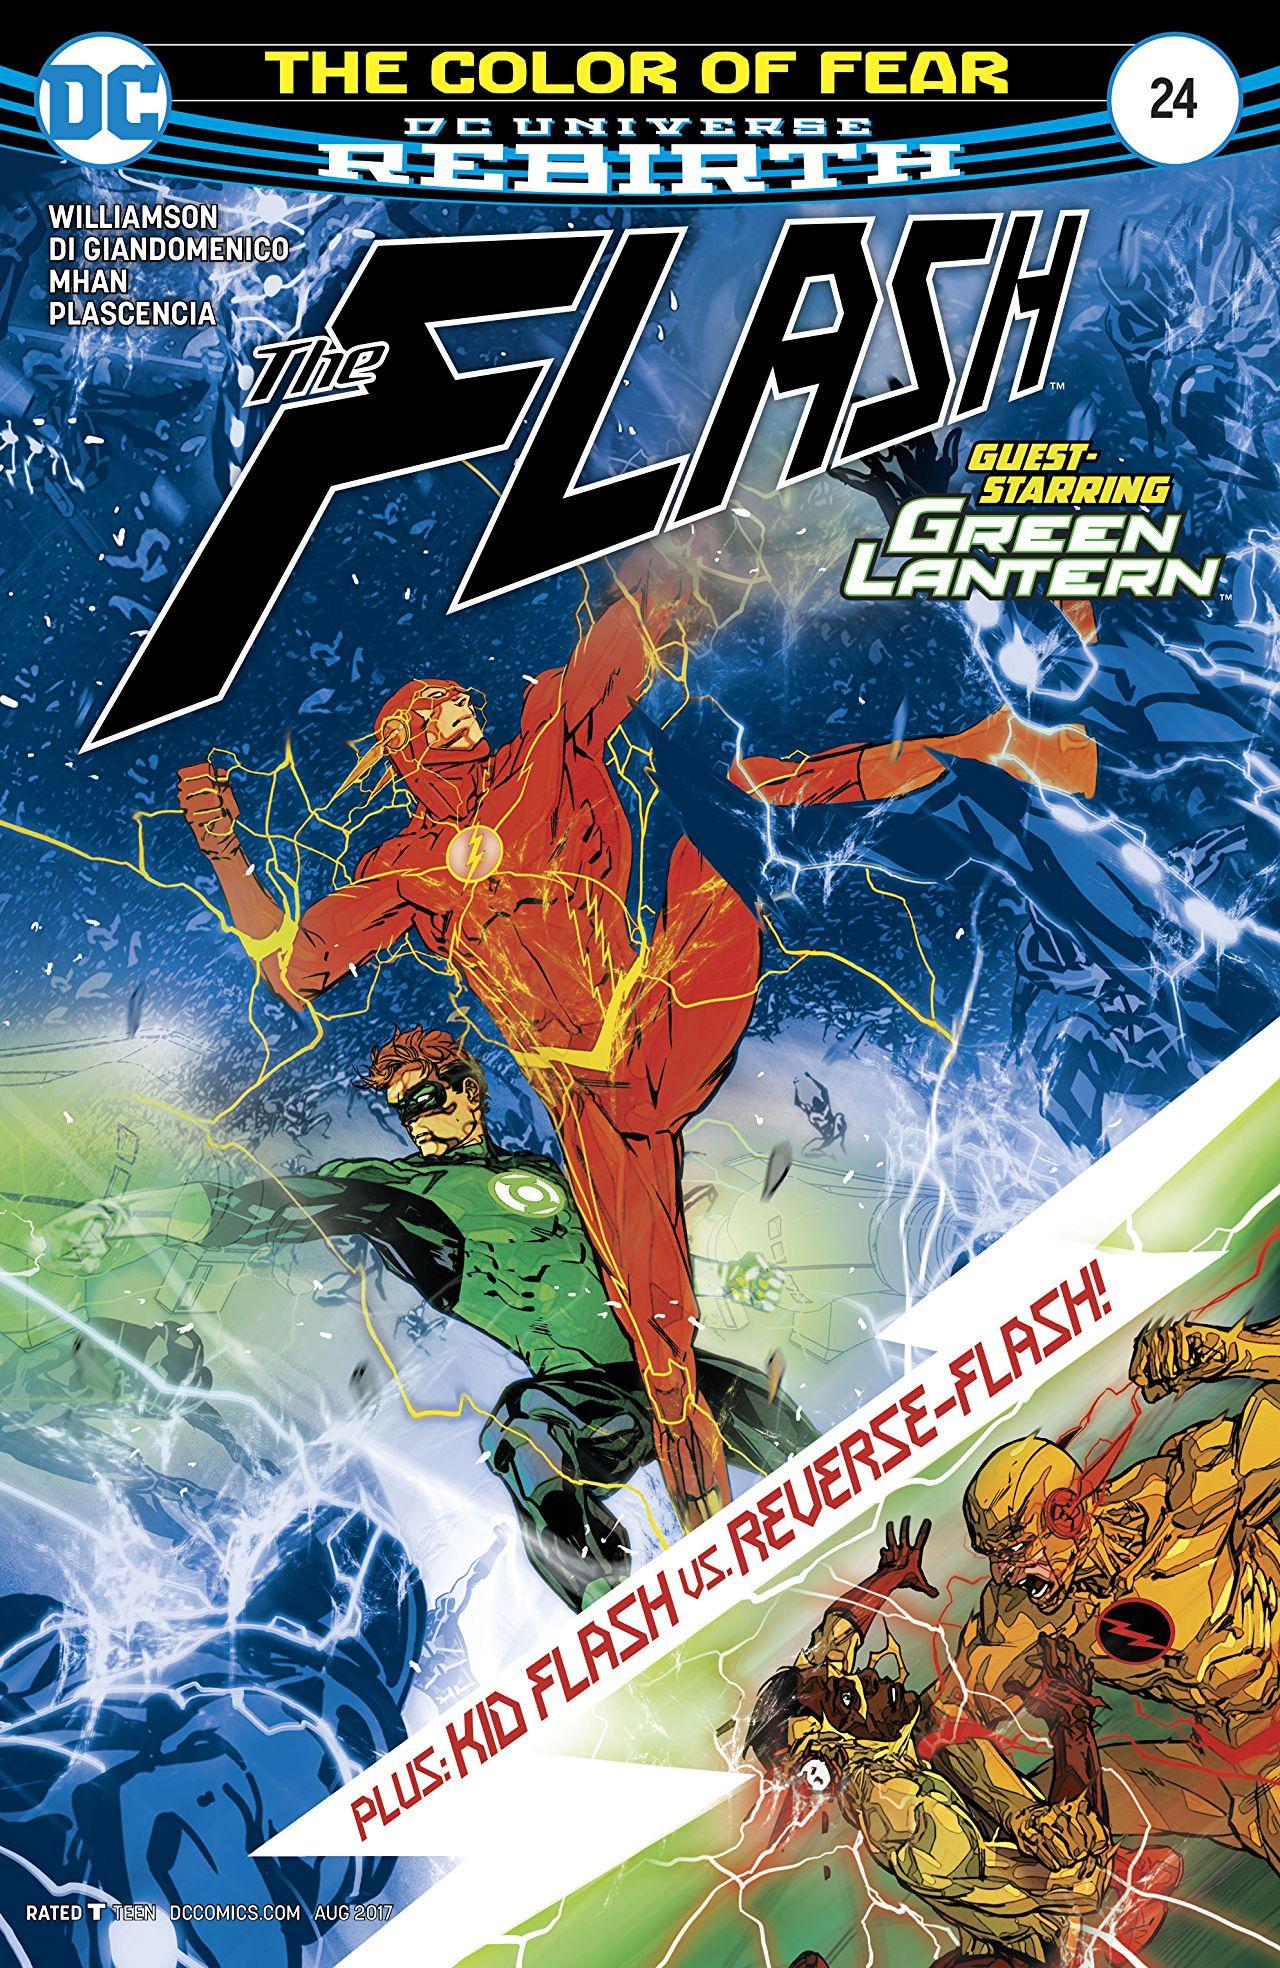 The Flash #24 cover by Carmine Di Giandomenico